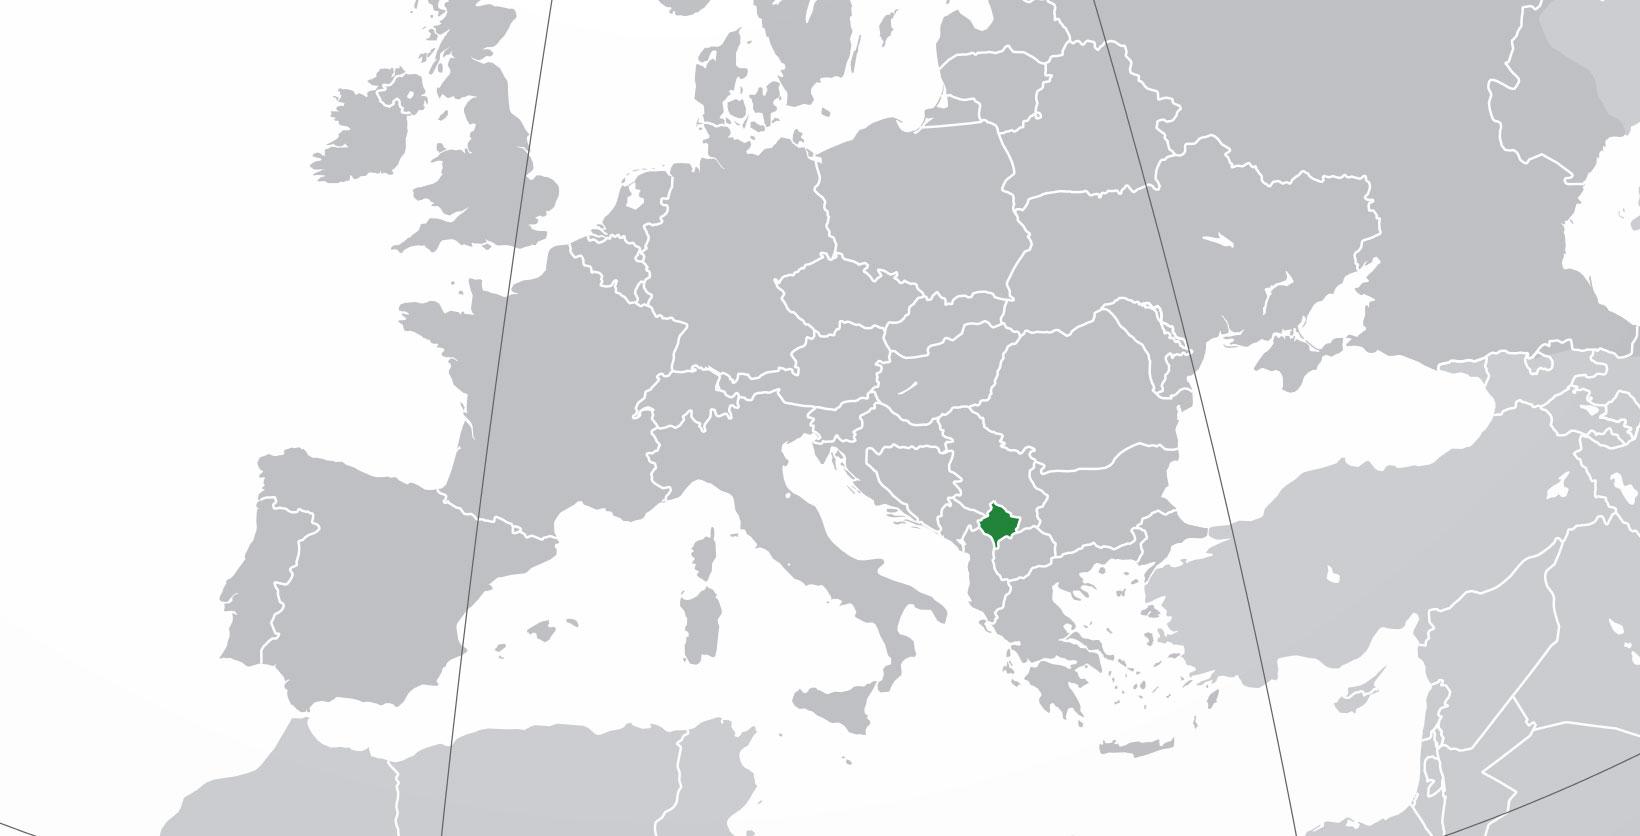 Localización geográfica de Kosovo